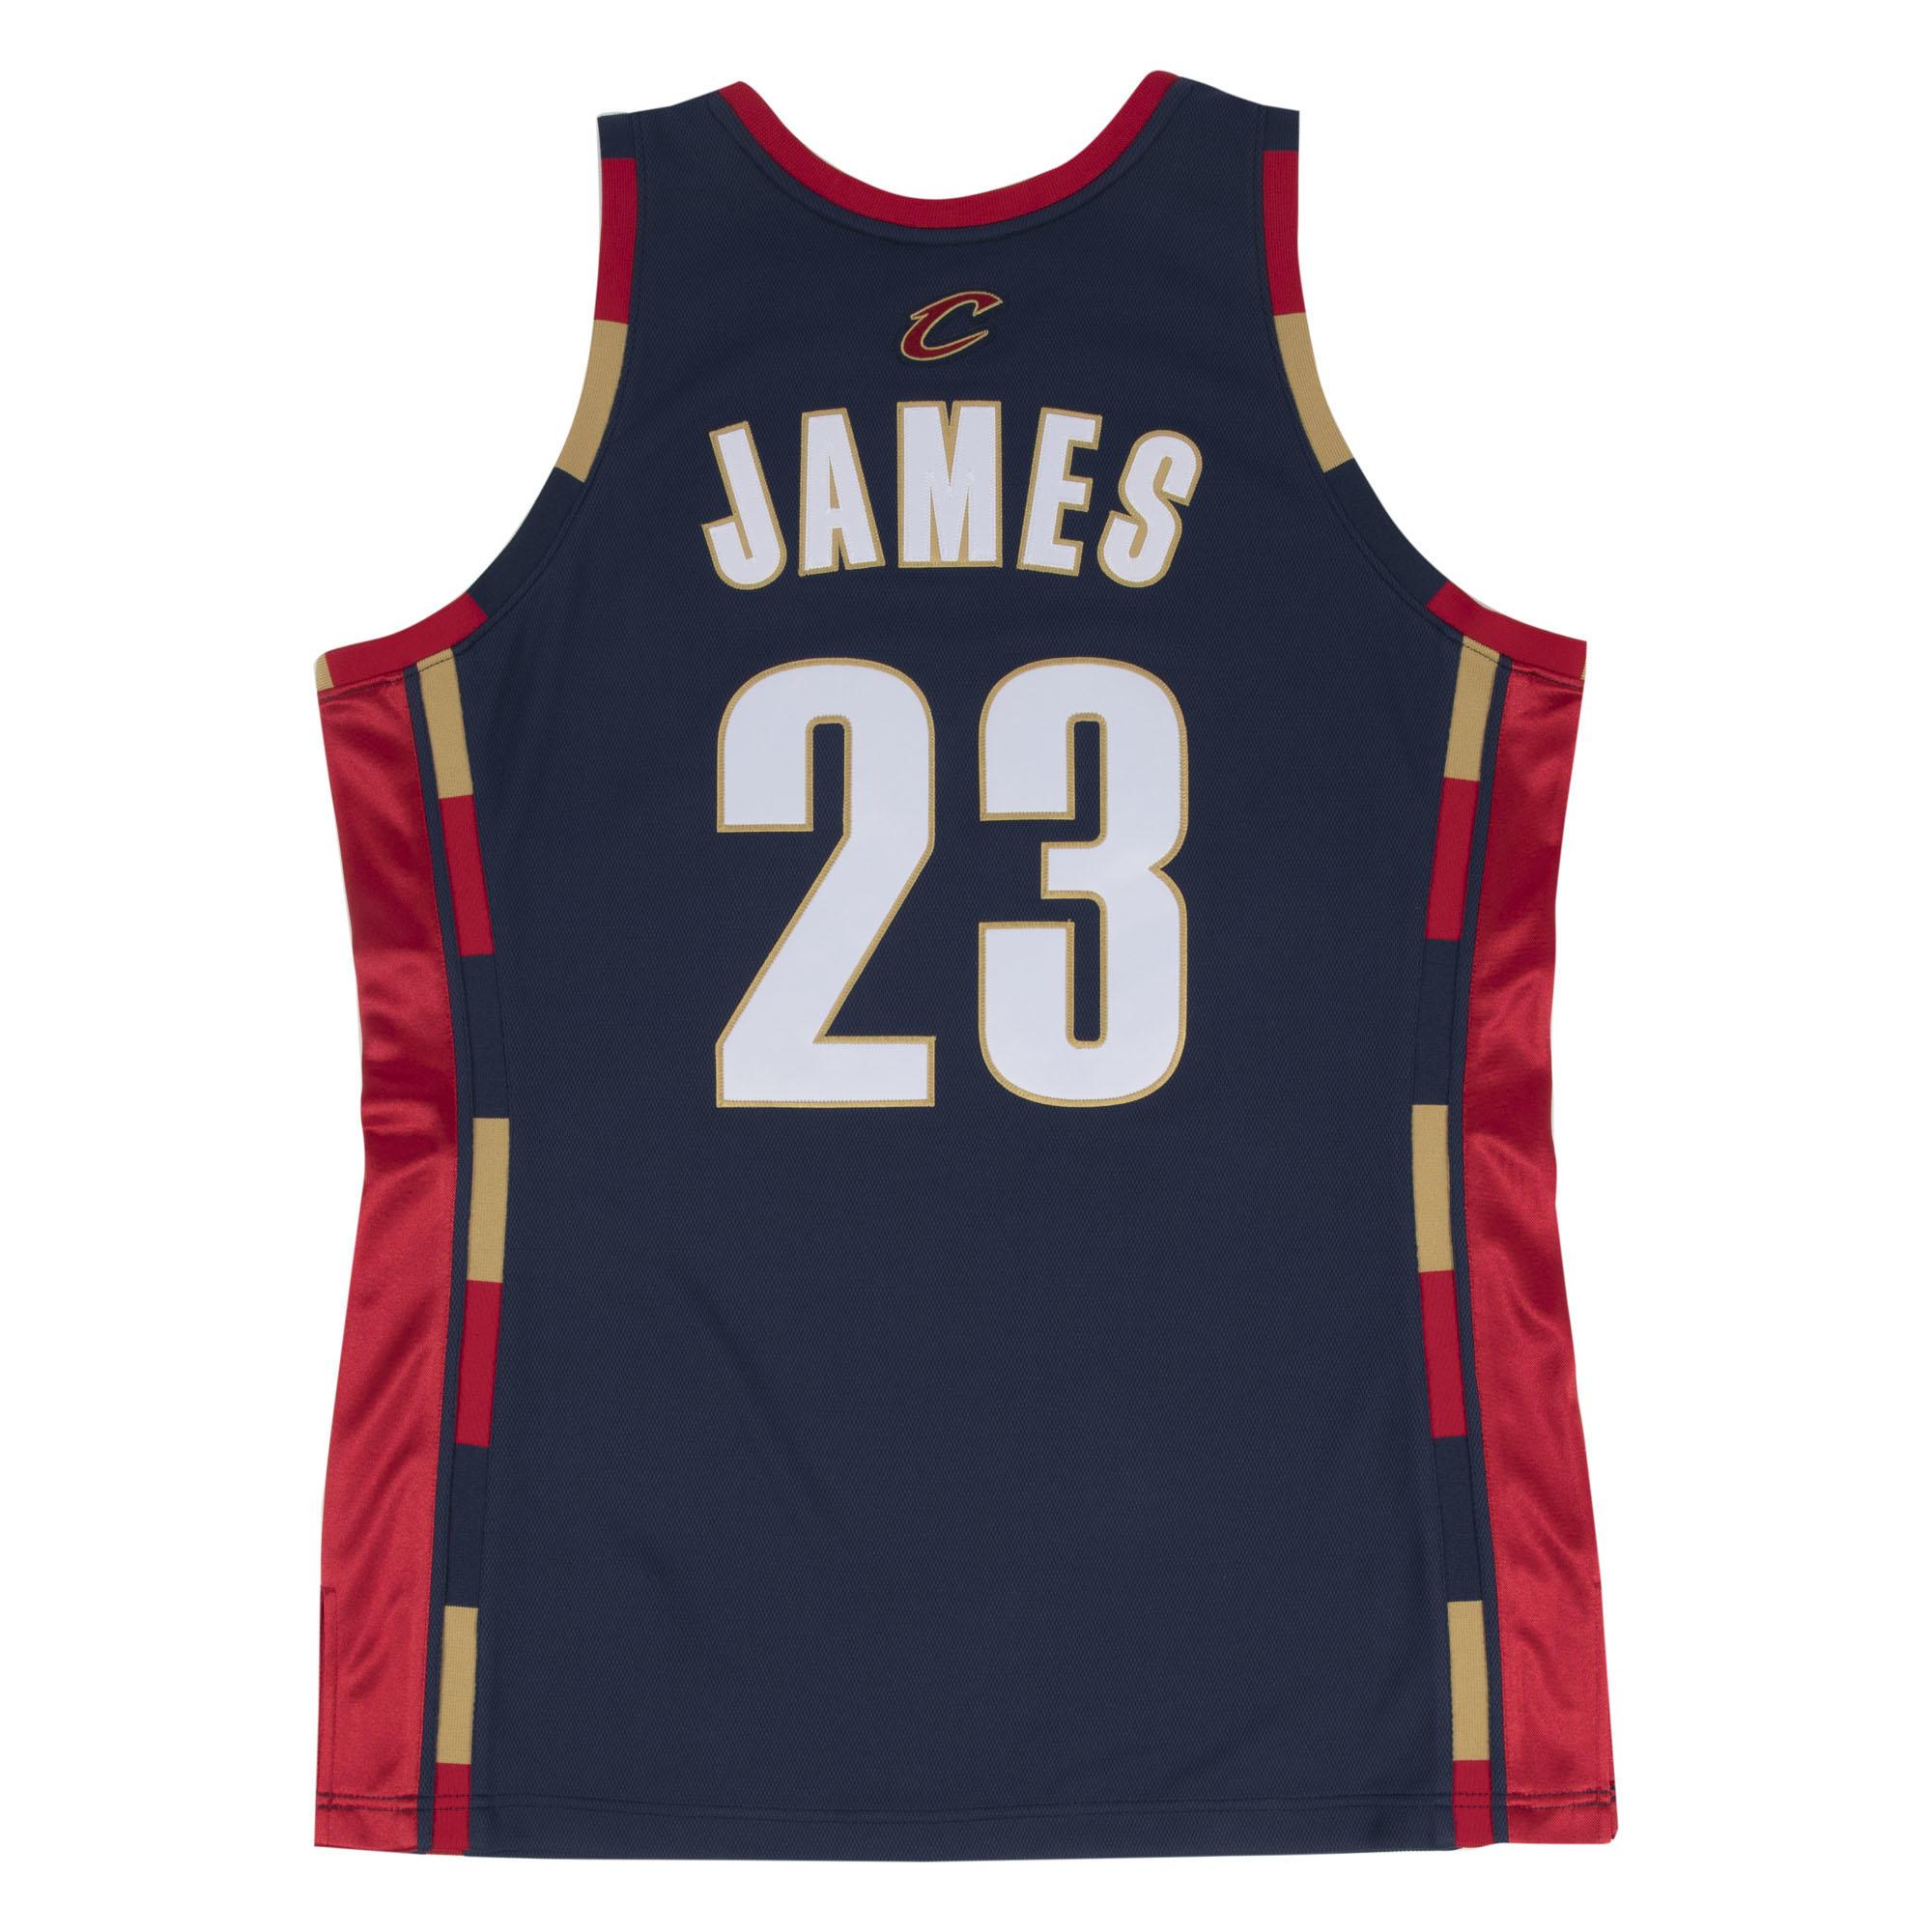 premium selection 5eab5 d87b5 Mitchell & Ness Nostalgia Co. | LeBron James 2008-09 ...